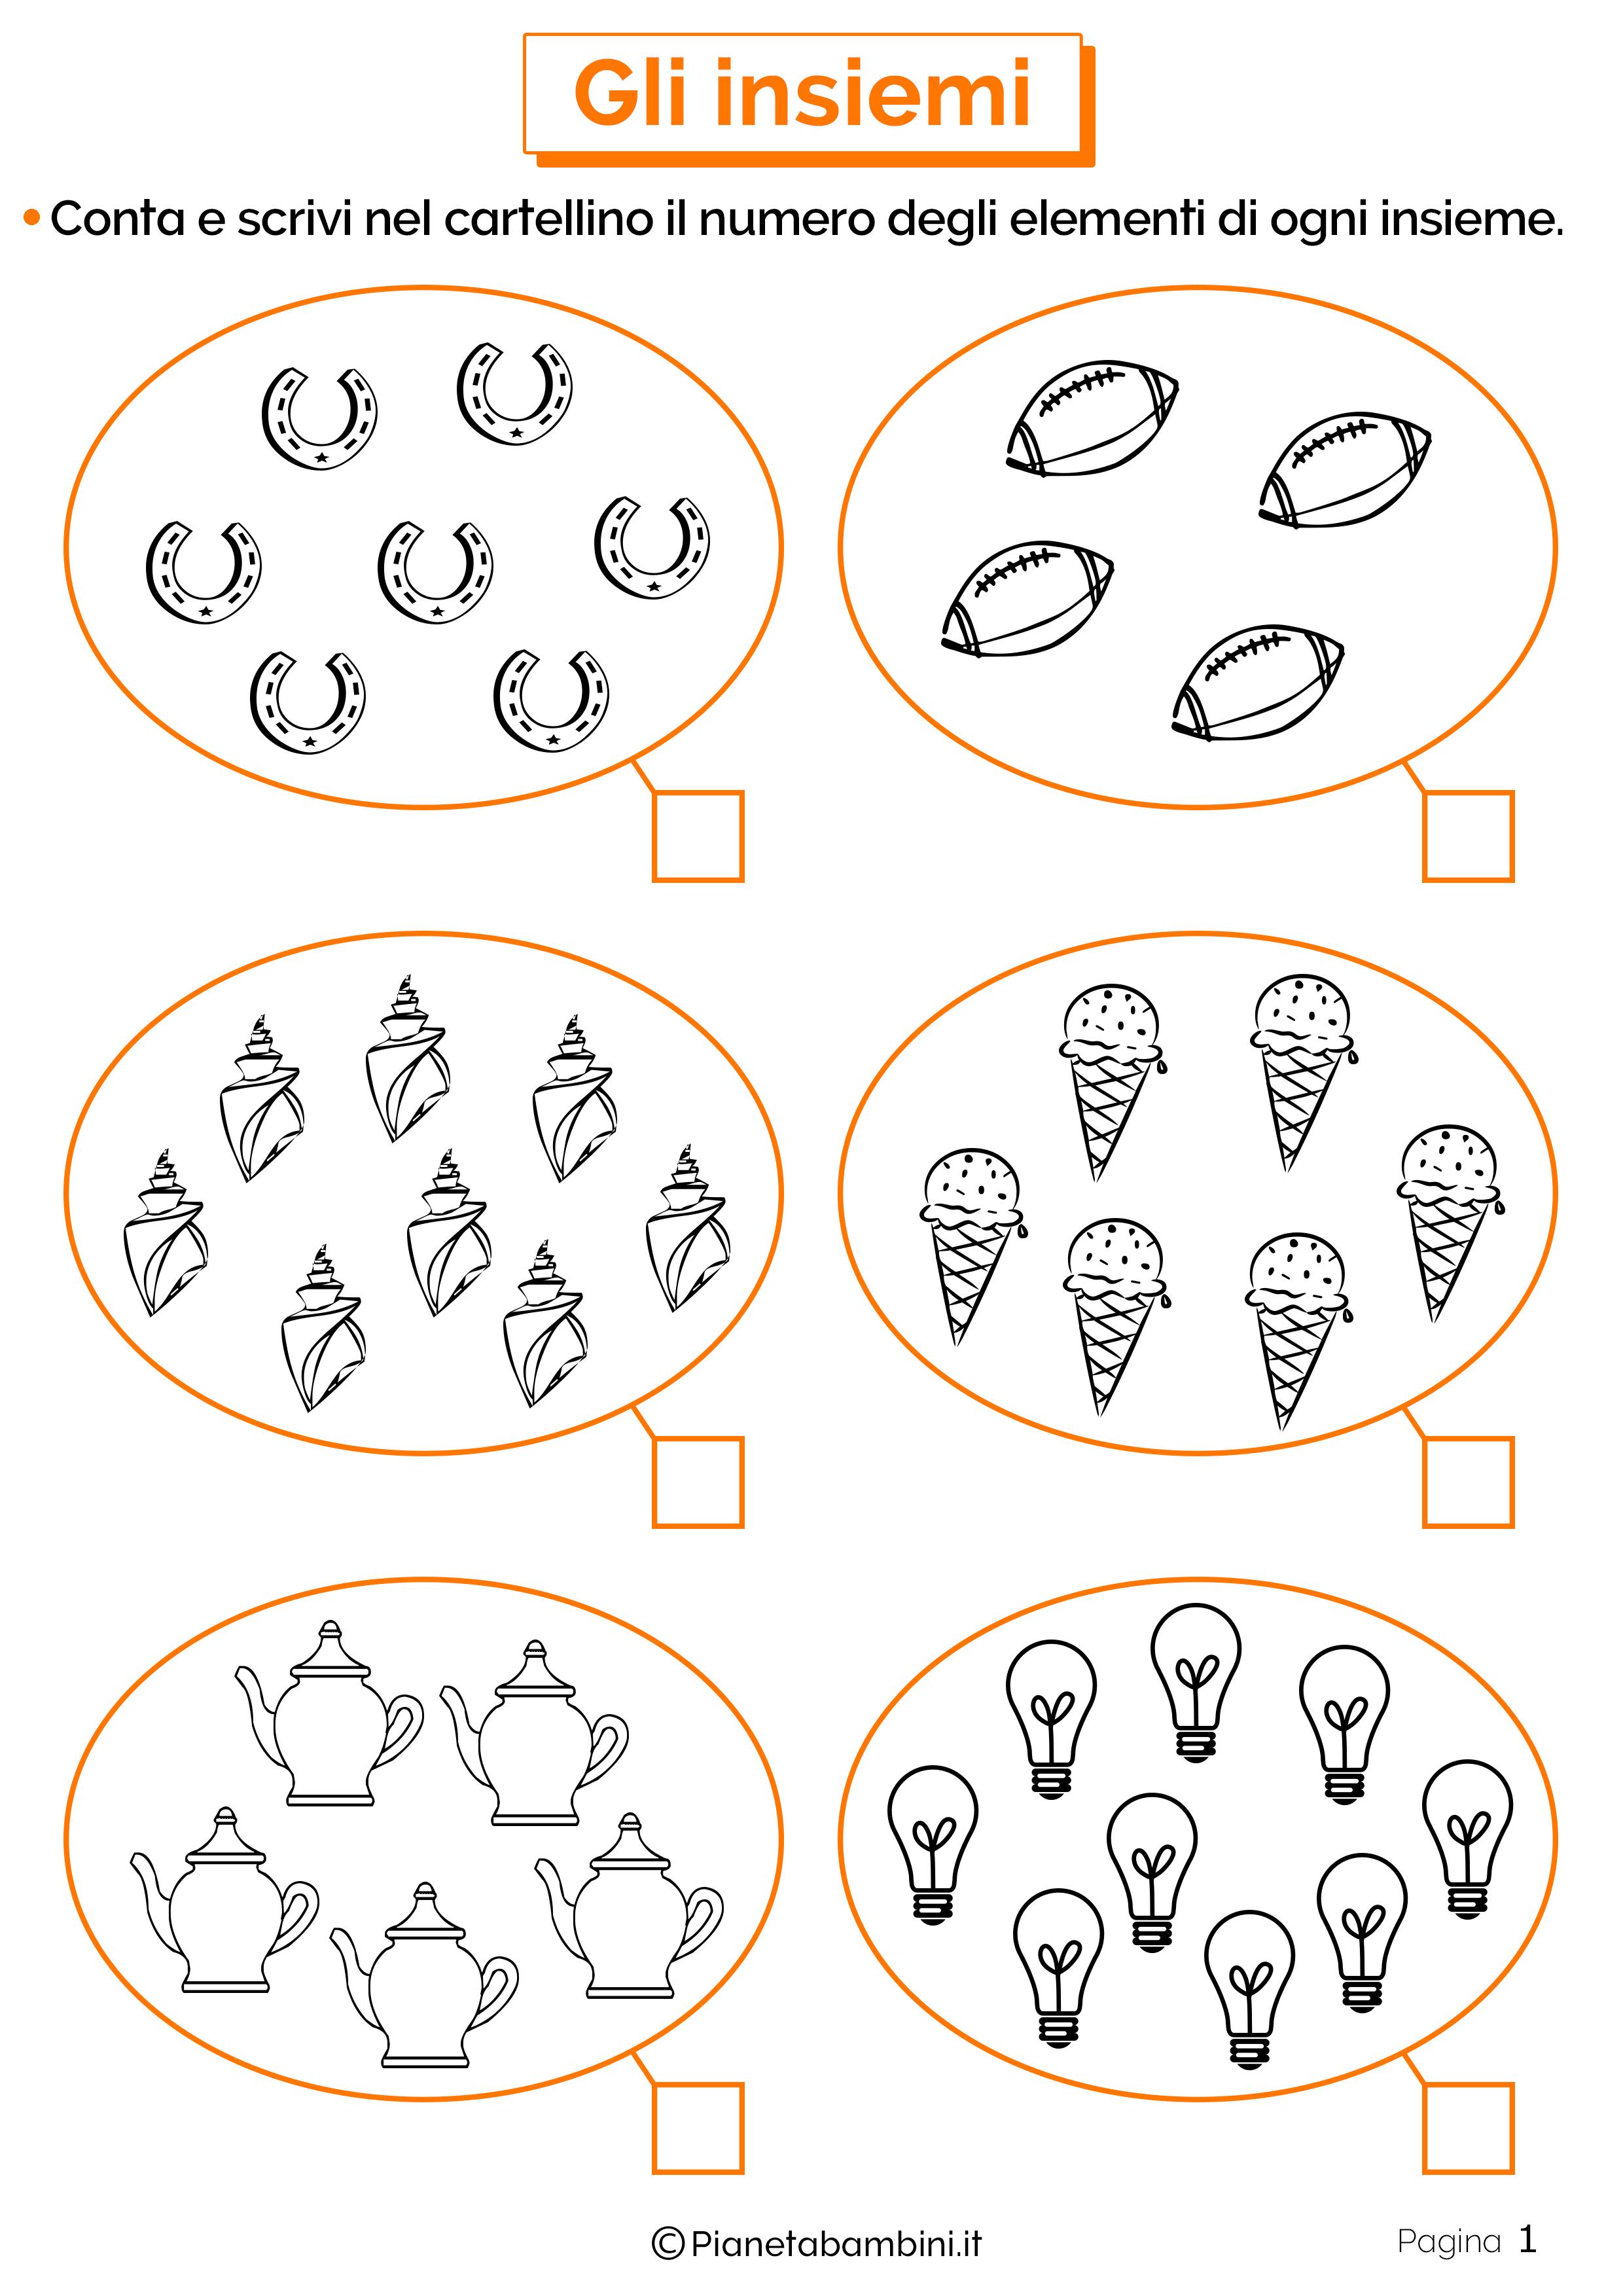 Schede didattiche sugli insiemi 1